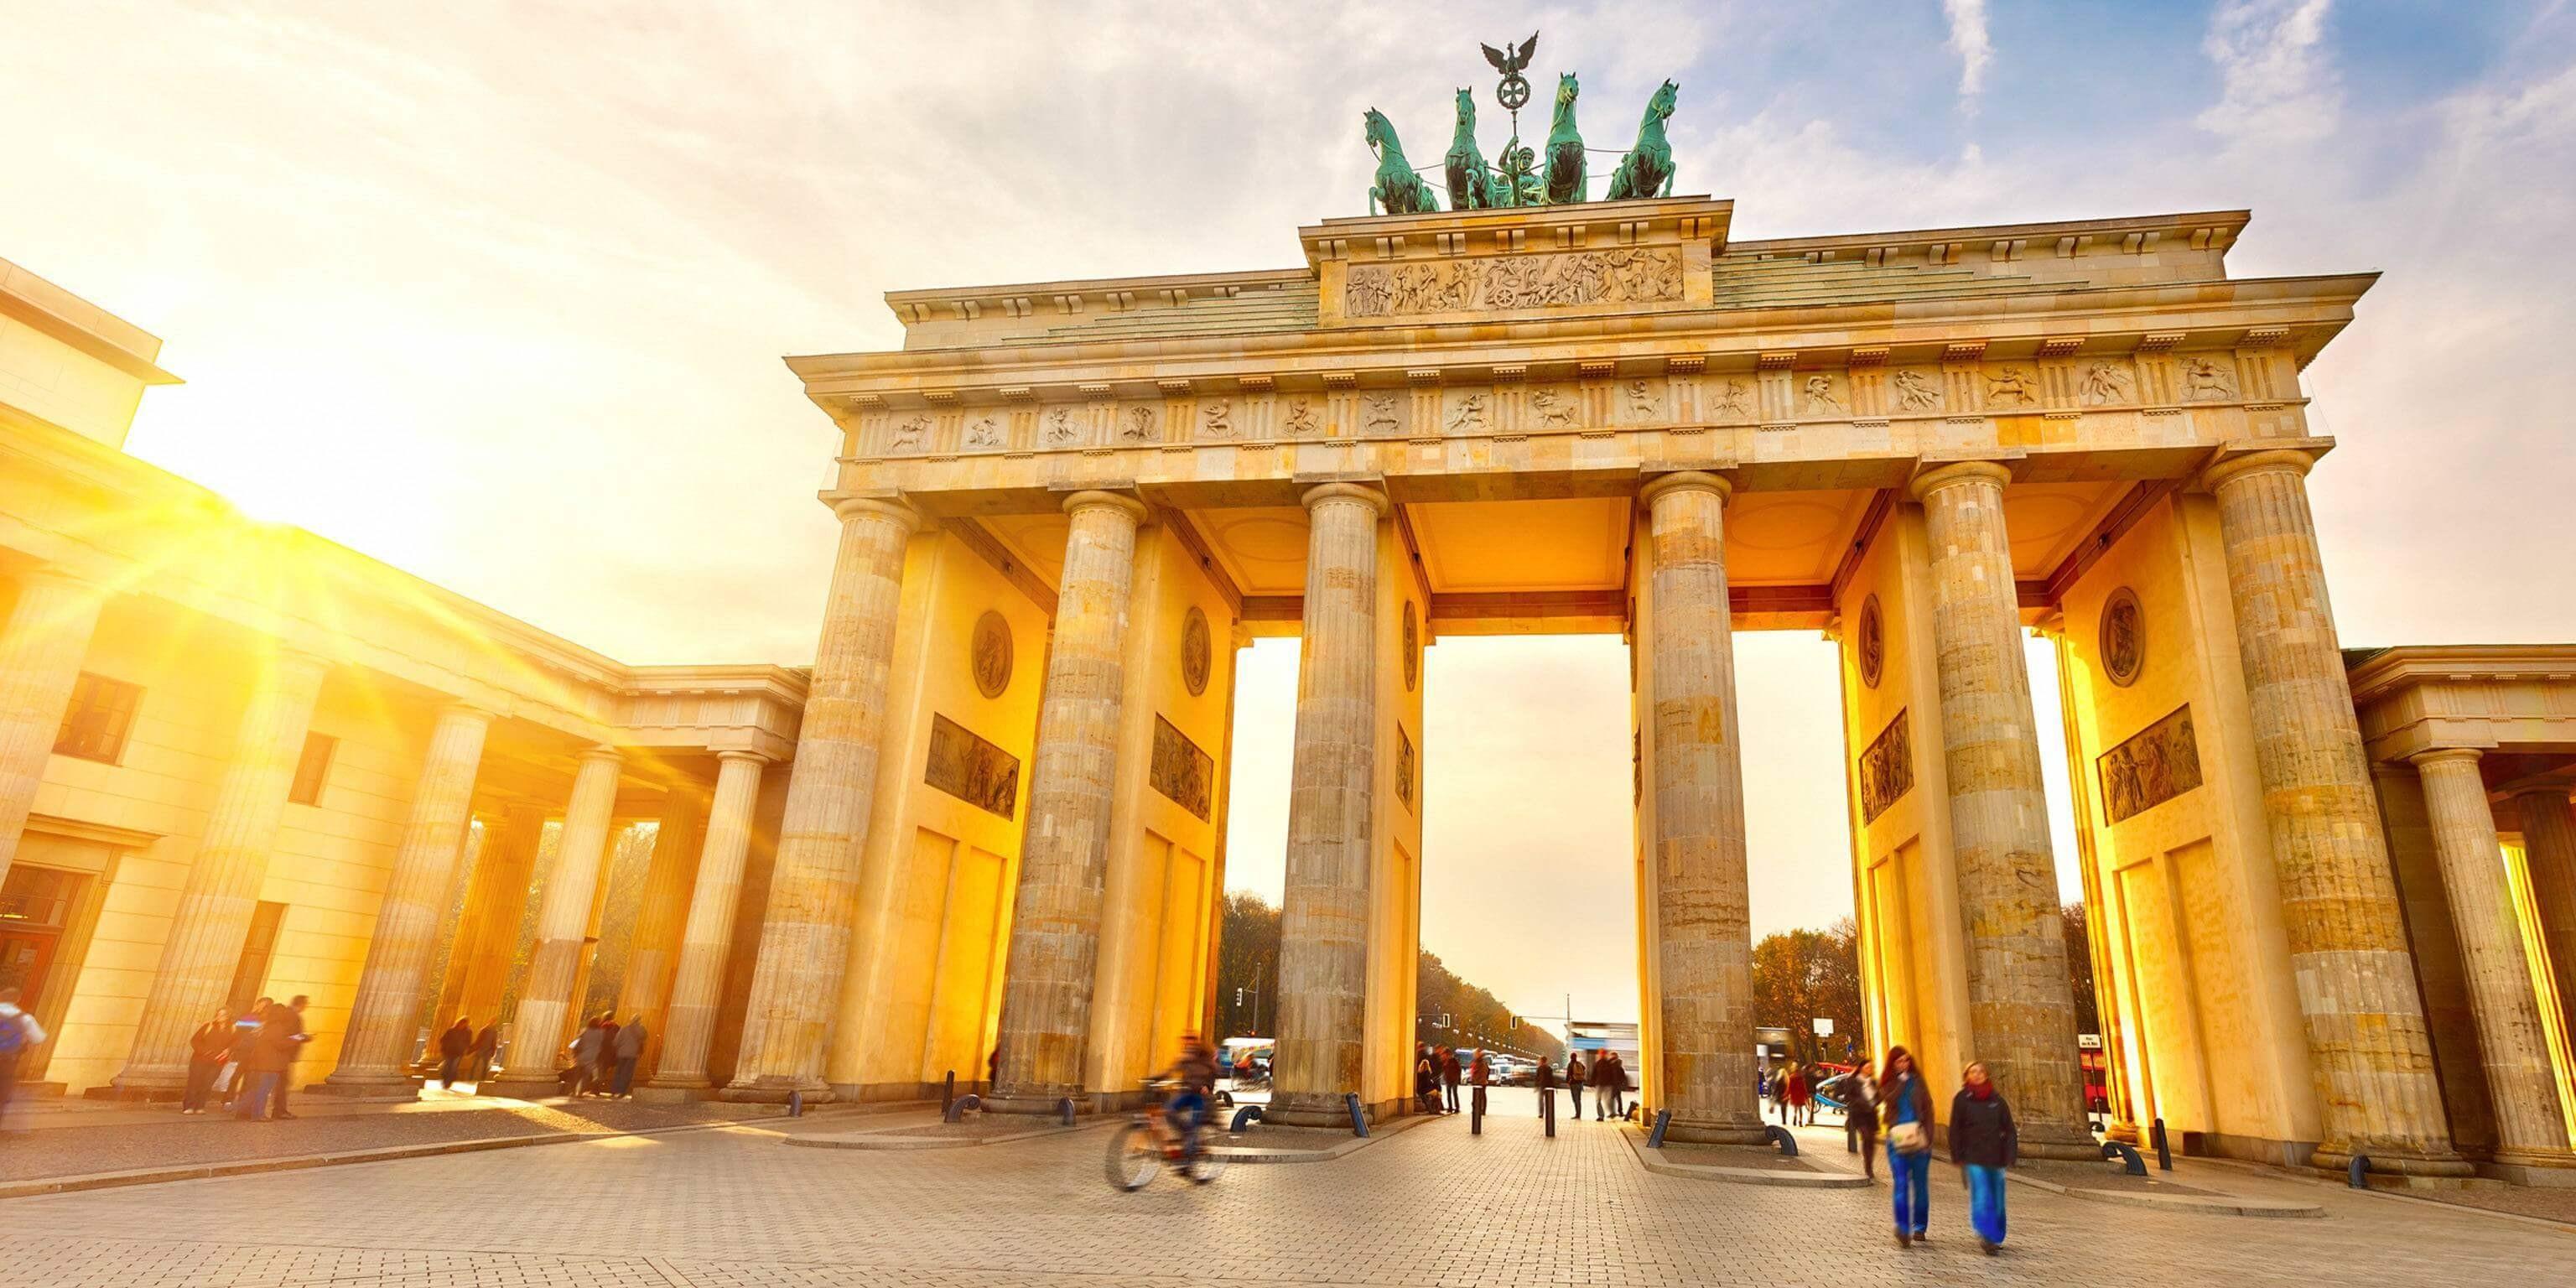 Cv I List Motywacyjny Po Niemiecku Wzór Jak Napisać Zwroty Przykłady